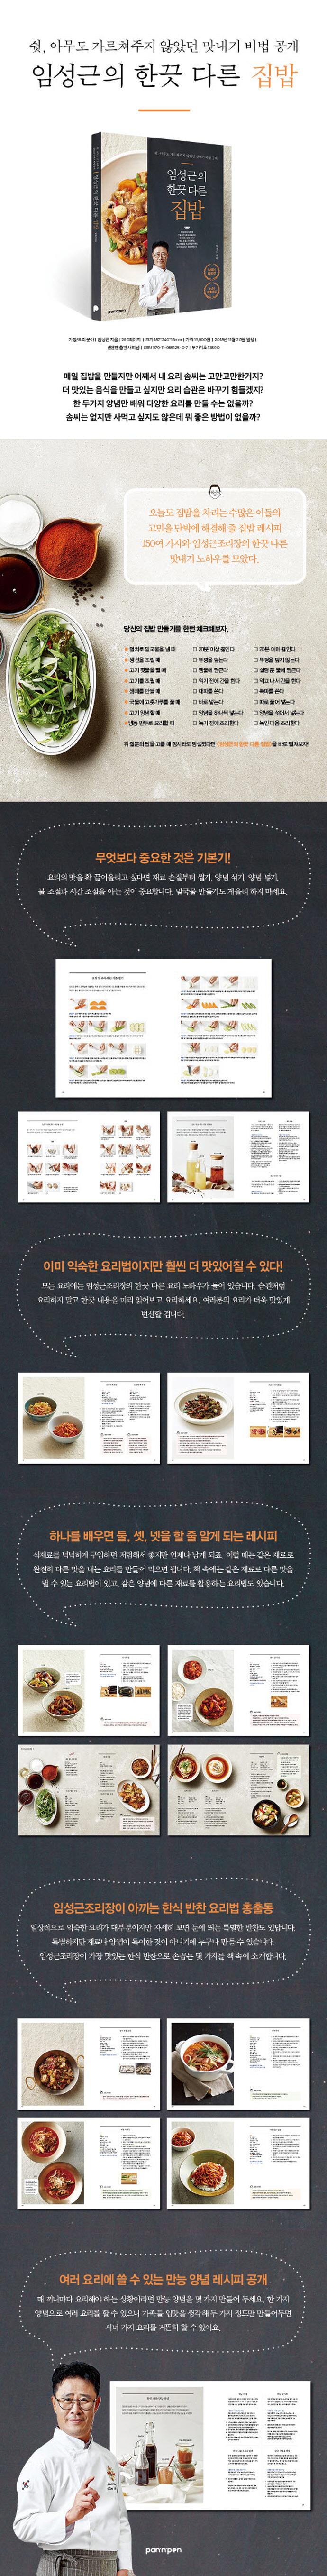 임성근의 한끗 다른 집밥 도서 상세이미지